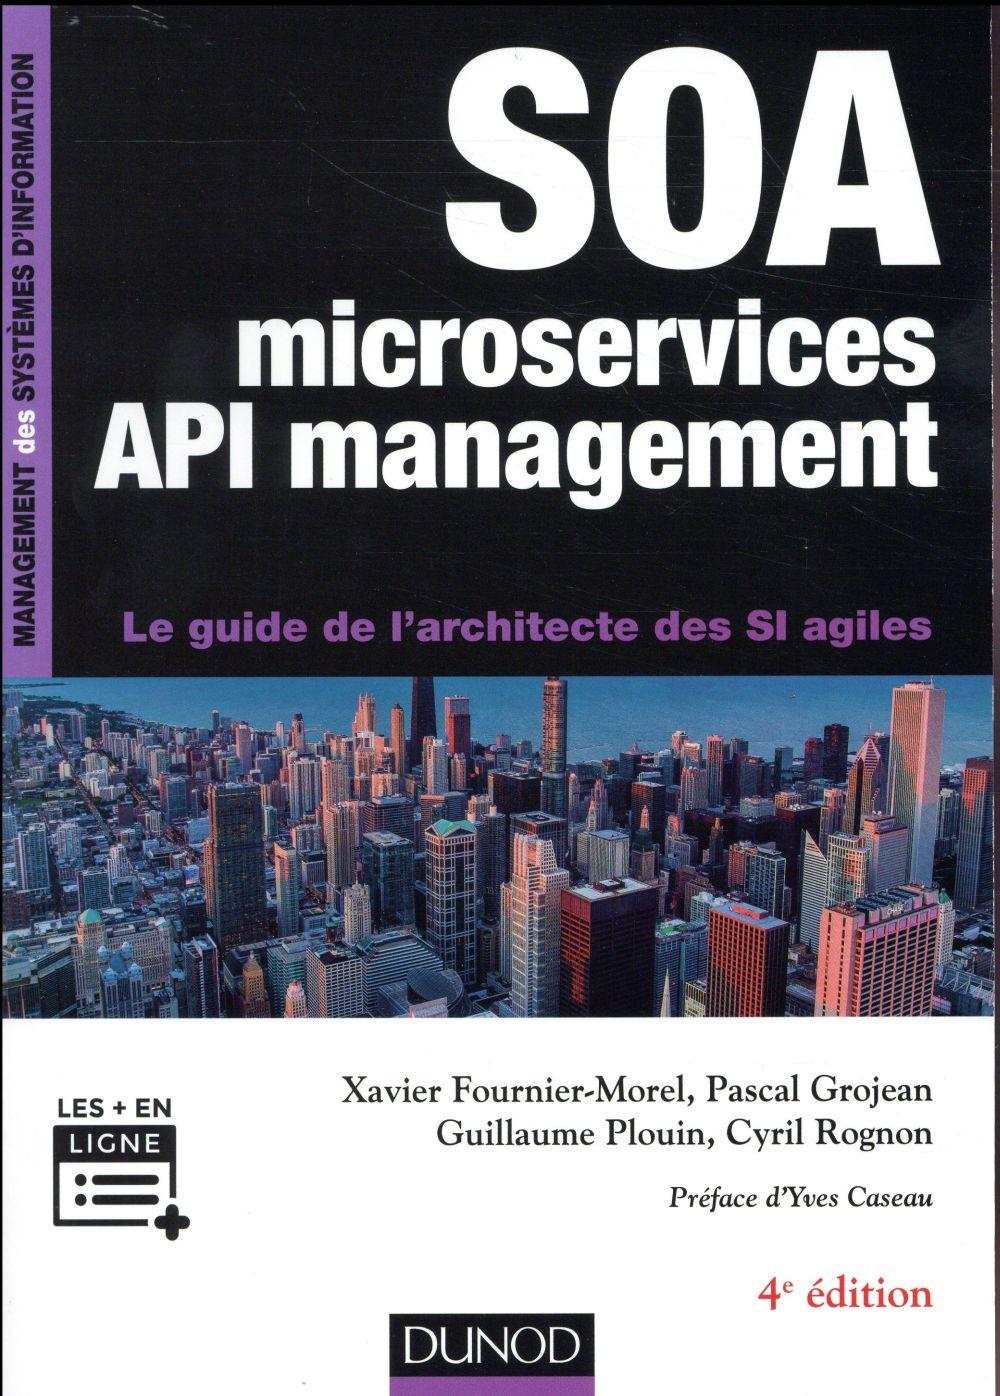 SOA , MICROSERVICES ET API MANAGEMENT - 4E ED - LE GUIDE DE L'ARCHITECTE DES SI AGILES